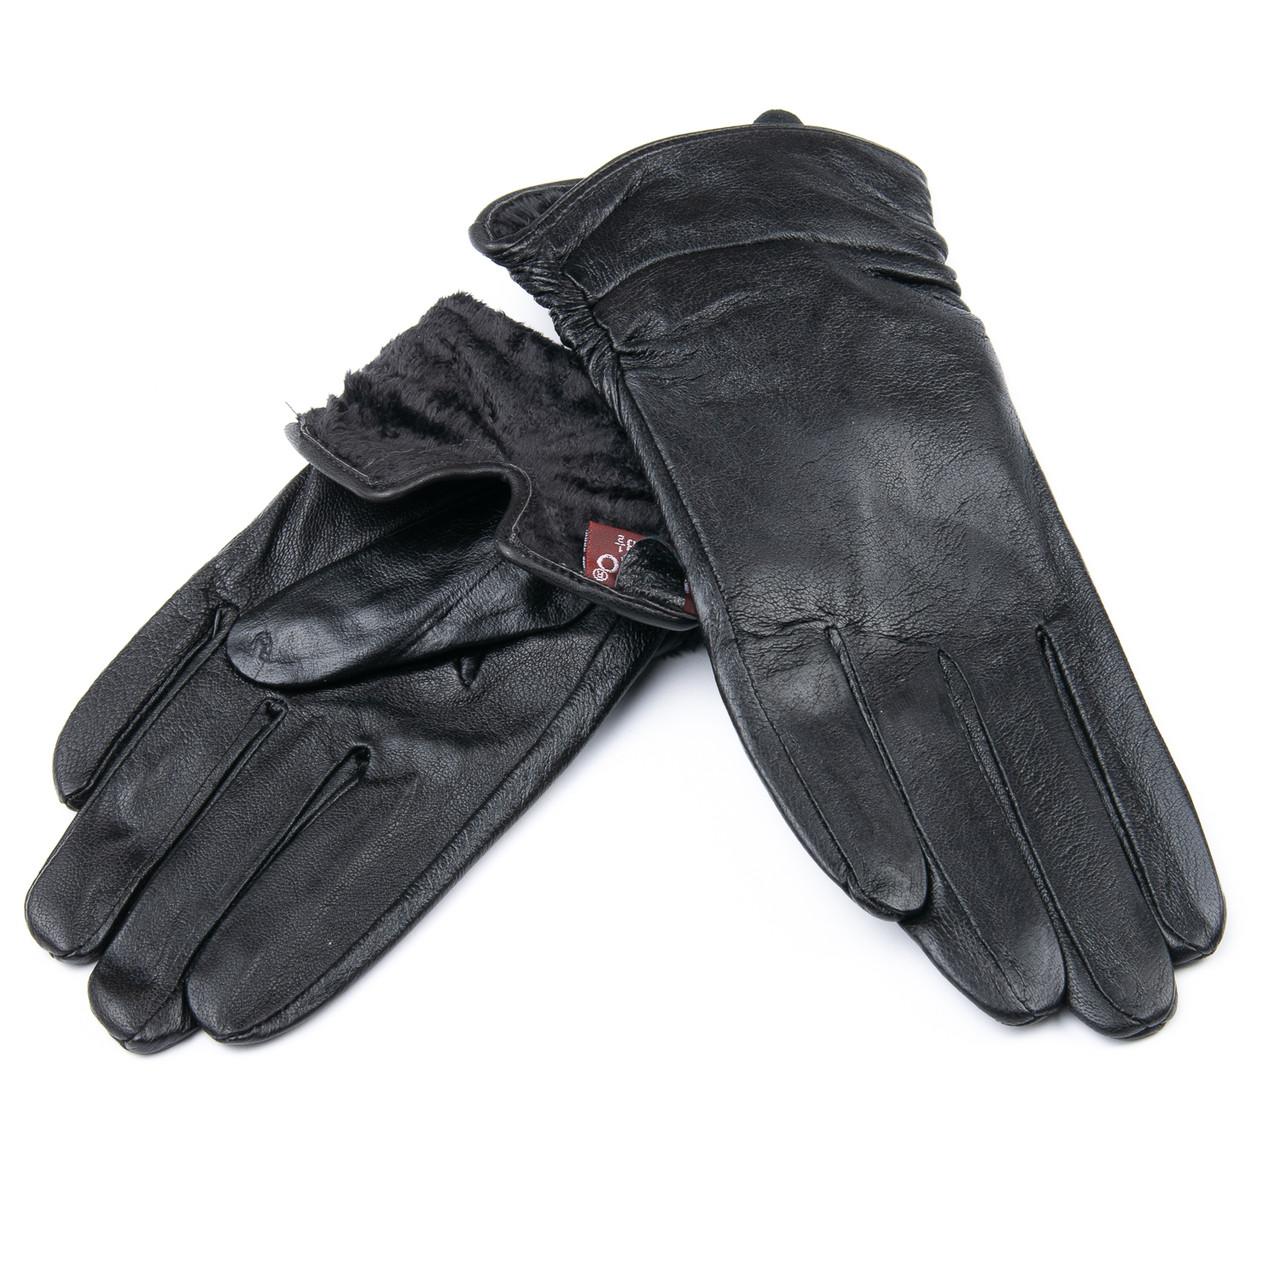 Перчатка Женская кожа F24/19-1 мод6 black флис